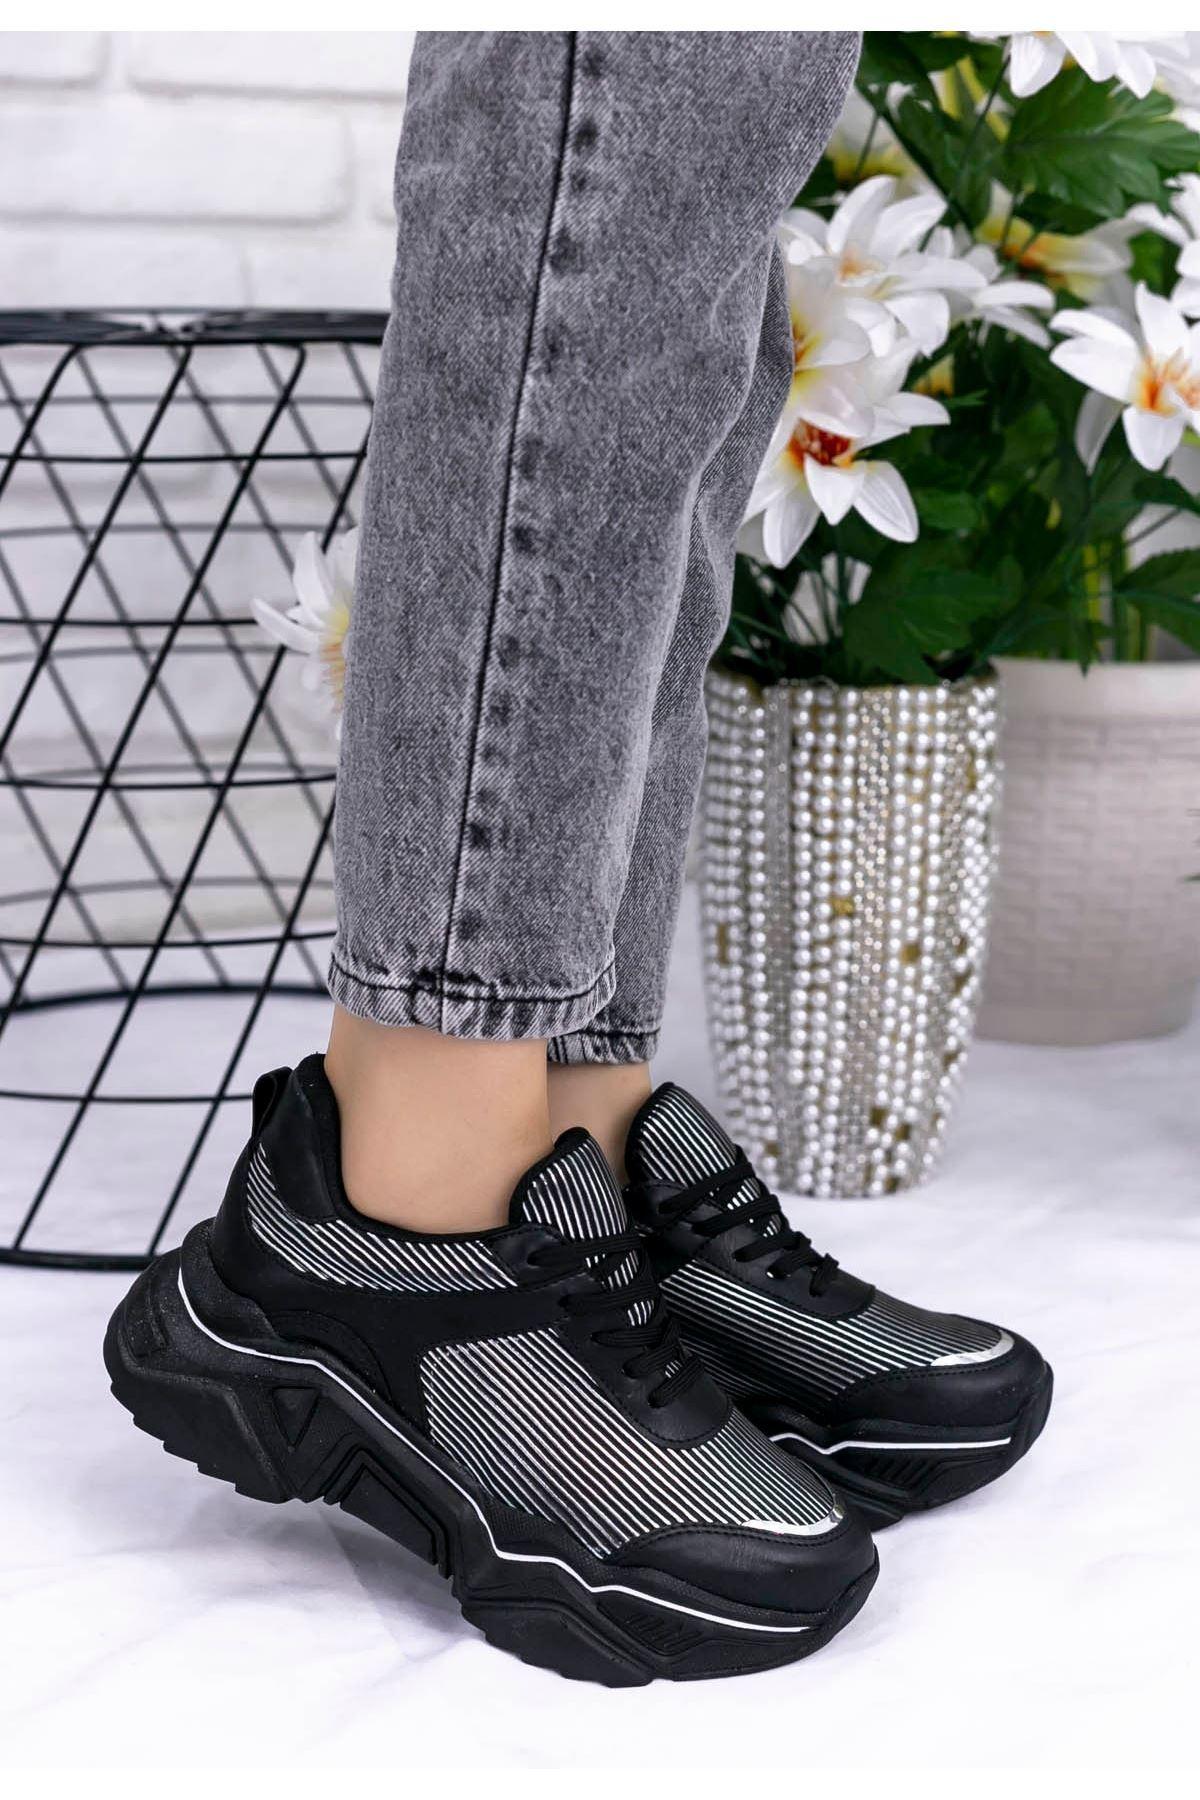 Vira  Siyah Cilt Yaldız Çizgili Spor Ayakkabı